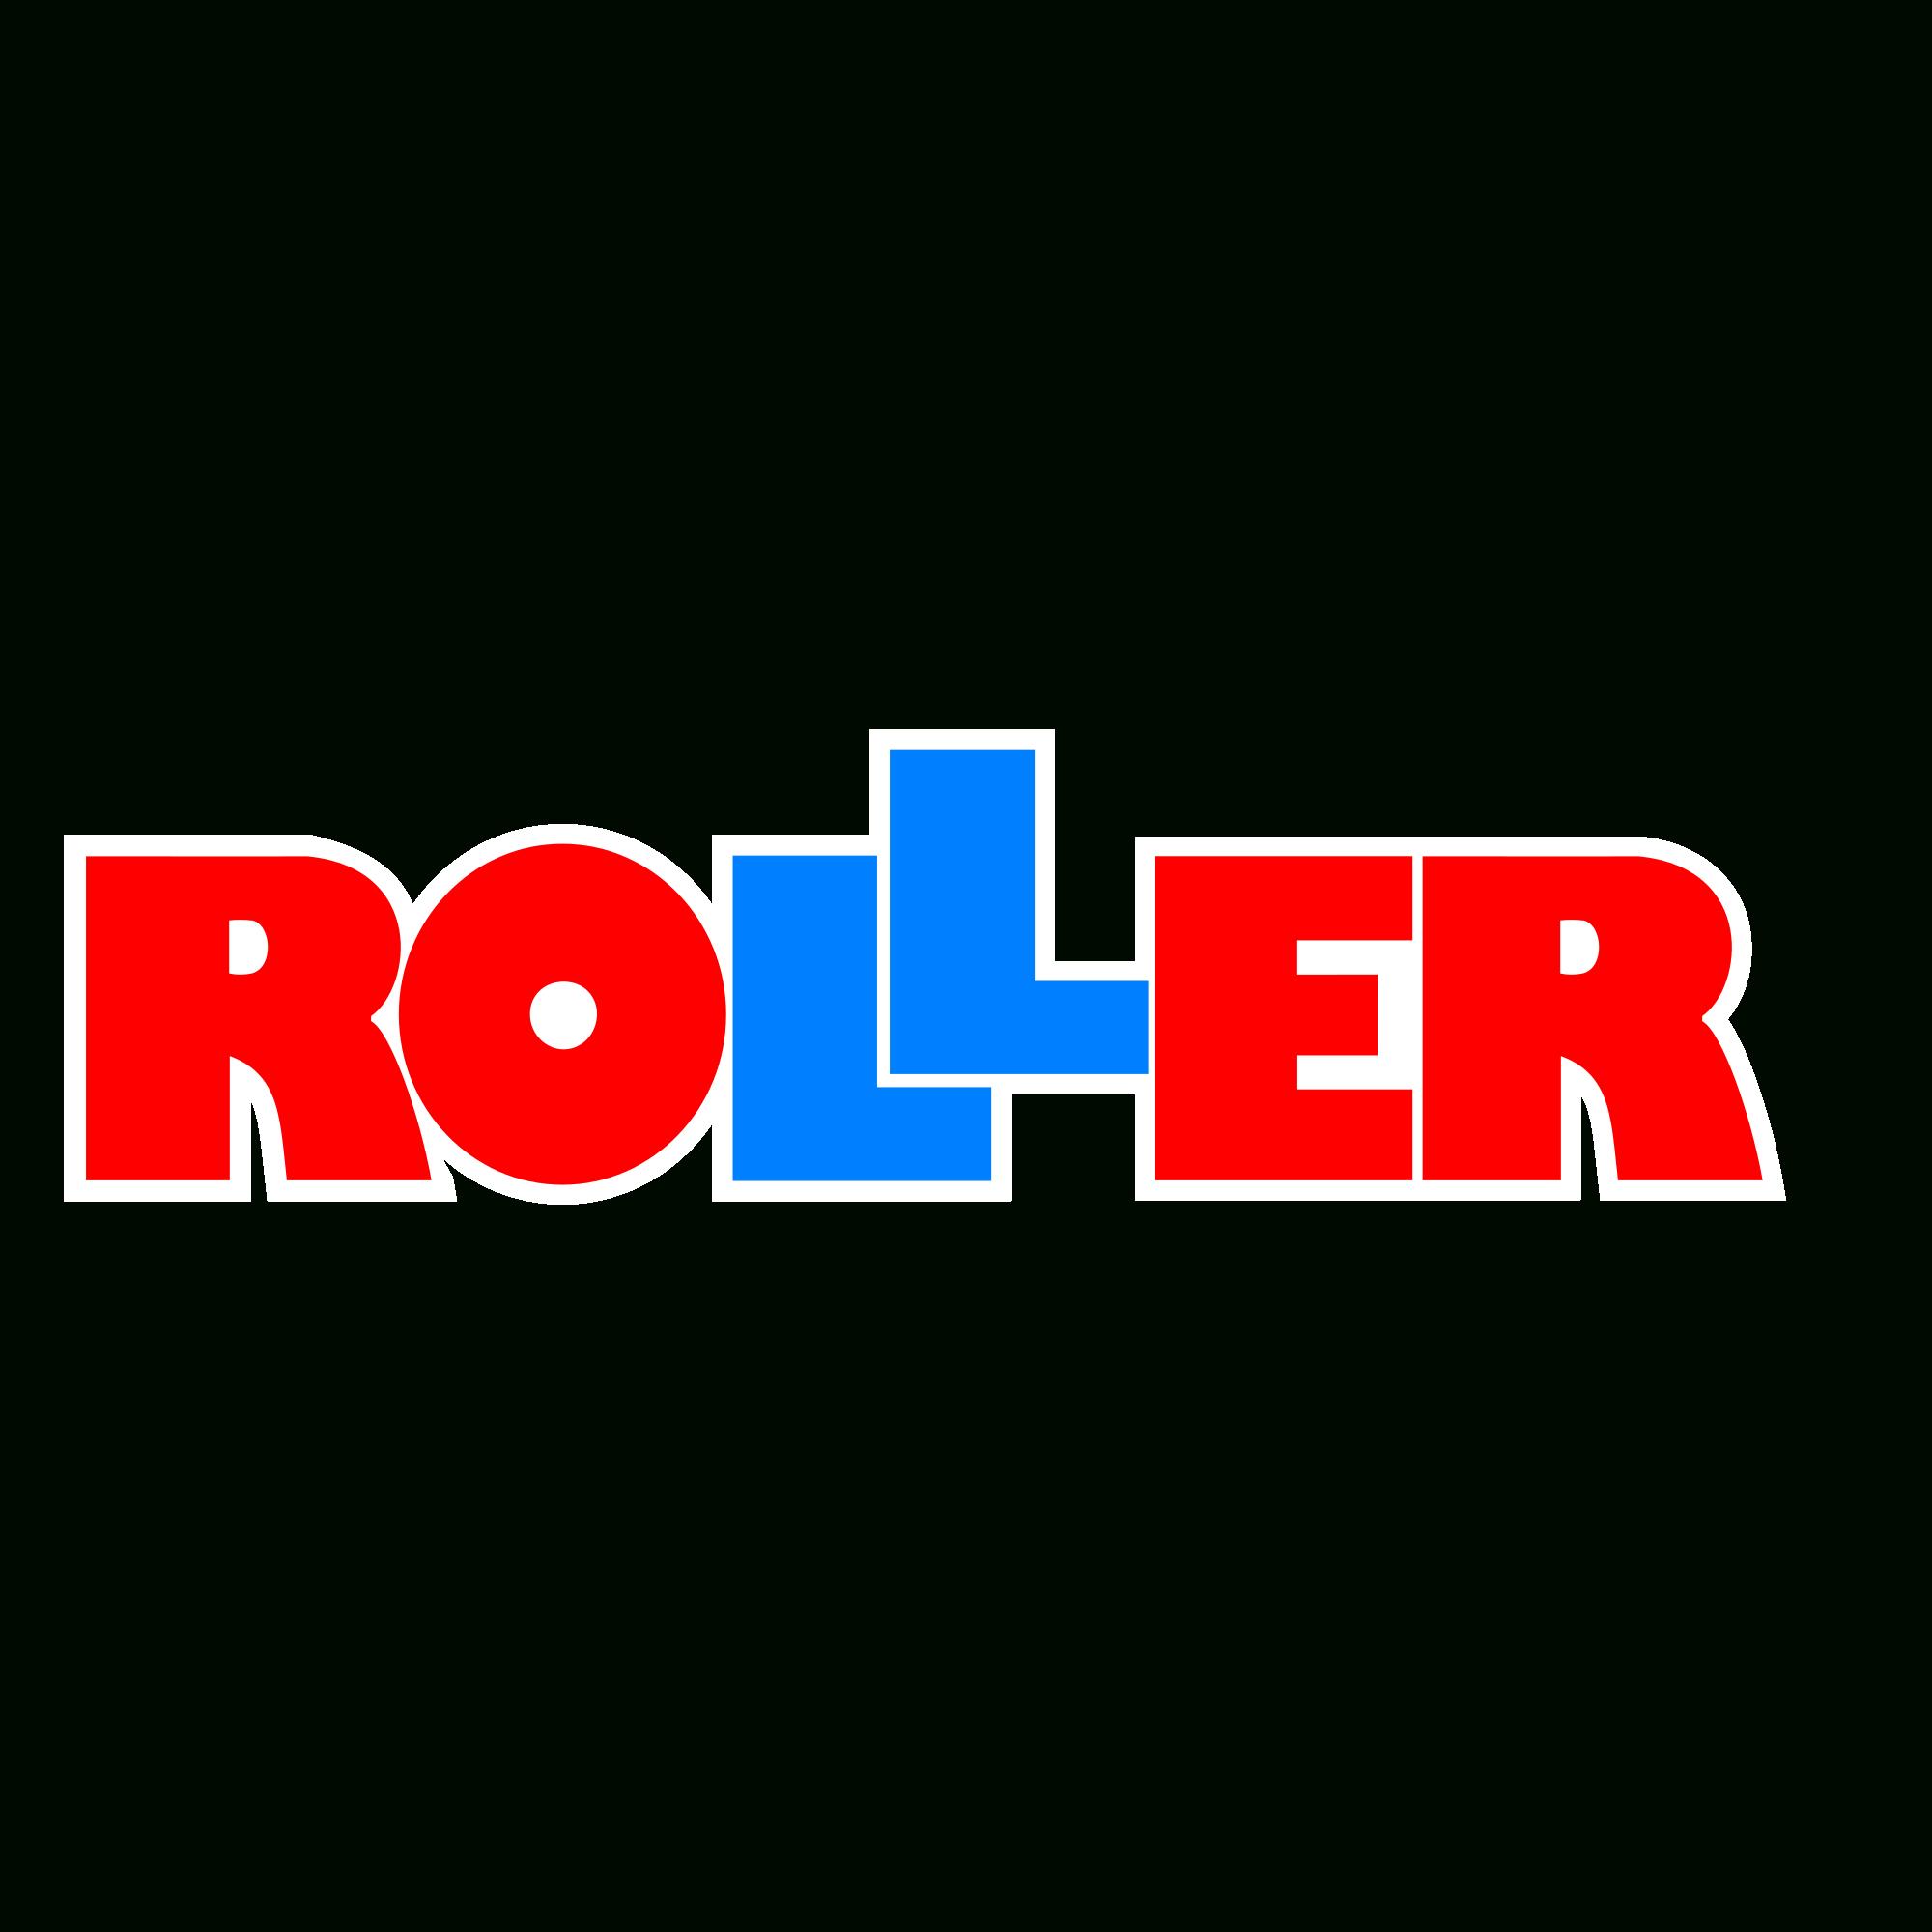 Roller Prospekt – Filialen Öffnungszeiten   Kupino.de verwandt mit Roller Bayreuth Öffnungszeiten